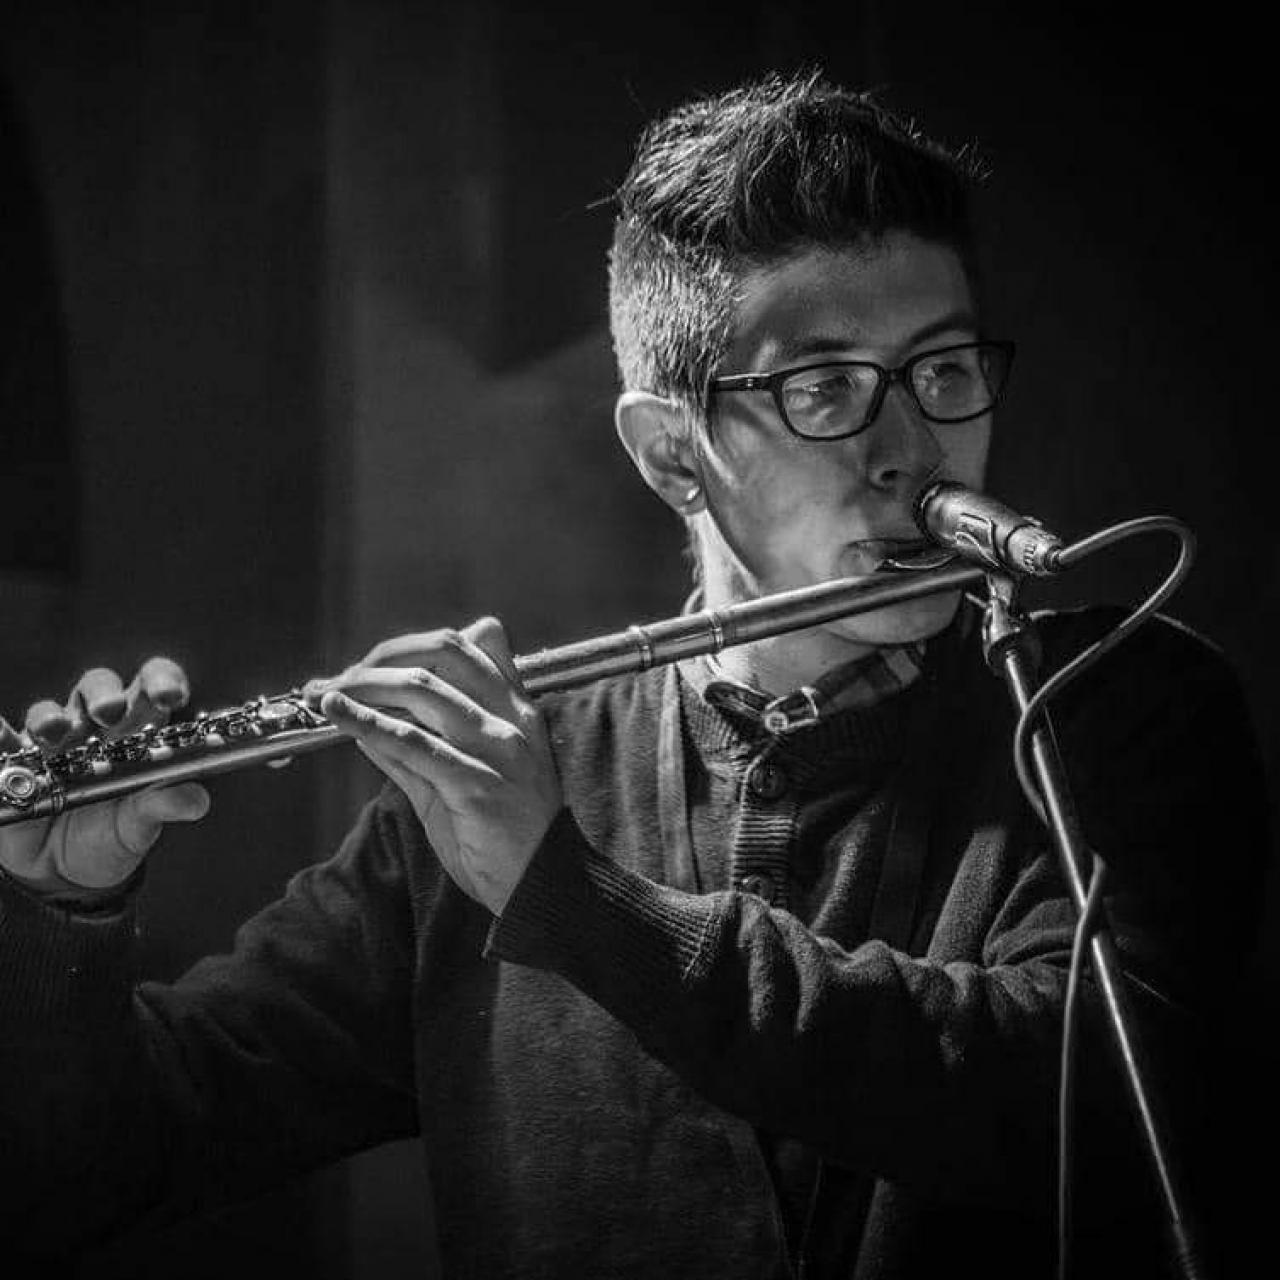 'El arte nos puede transformar como país, el arte transforma todo', afirma el músico 'Kike' Naranjo